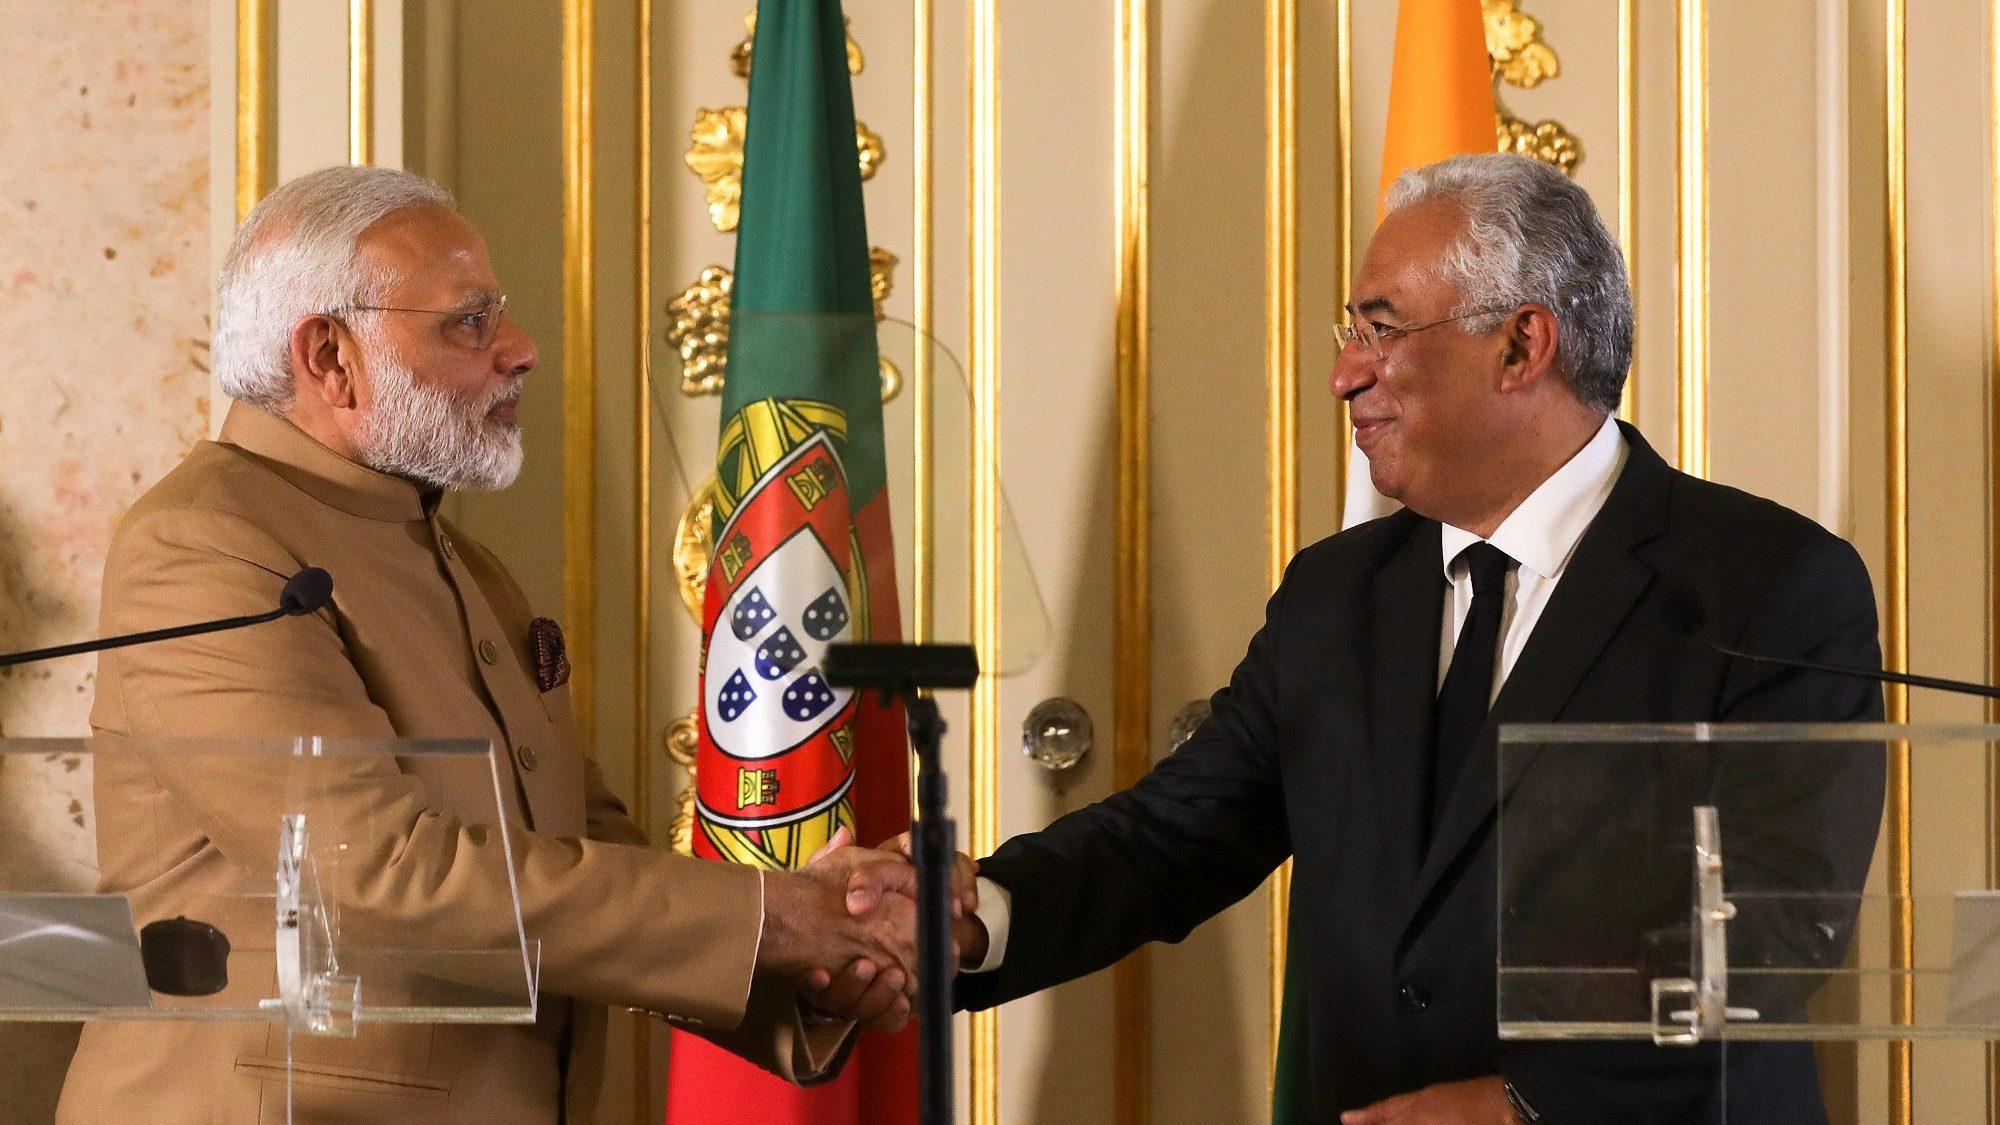 Índia e Portugal anunciam fundo de quatro milhões de euros para ciência e tecnologia